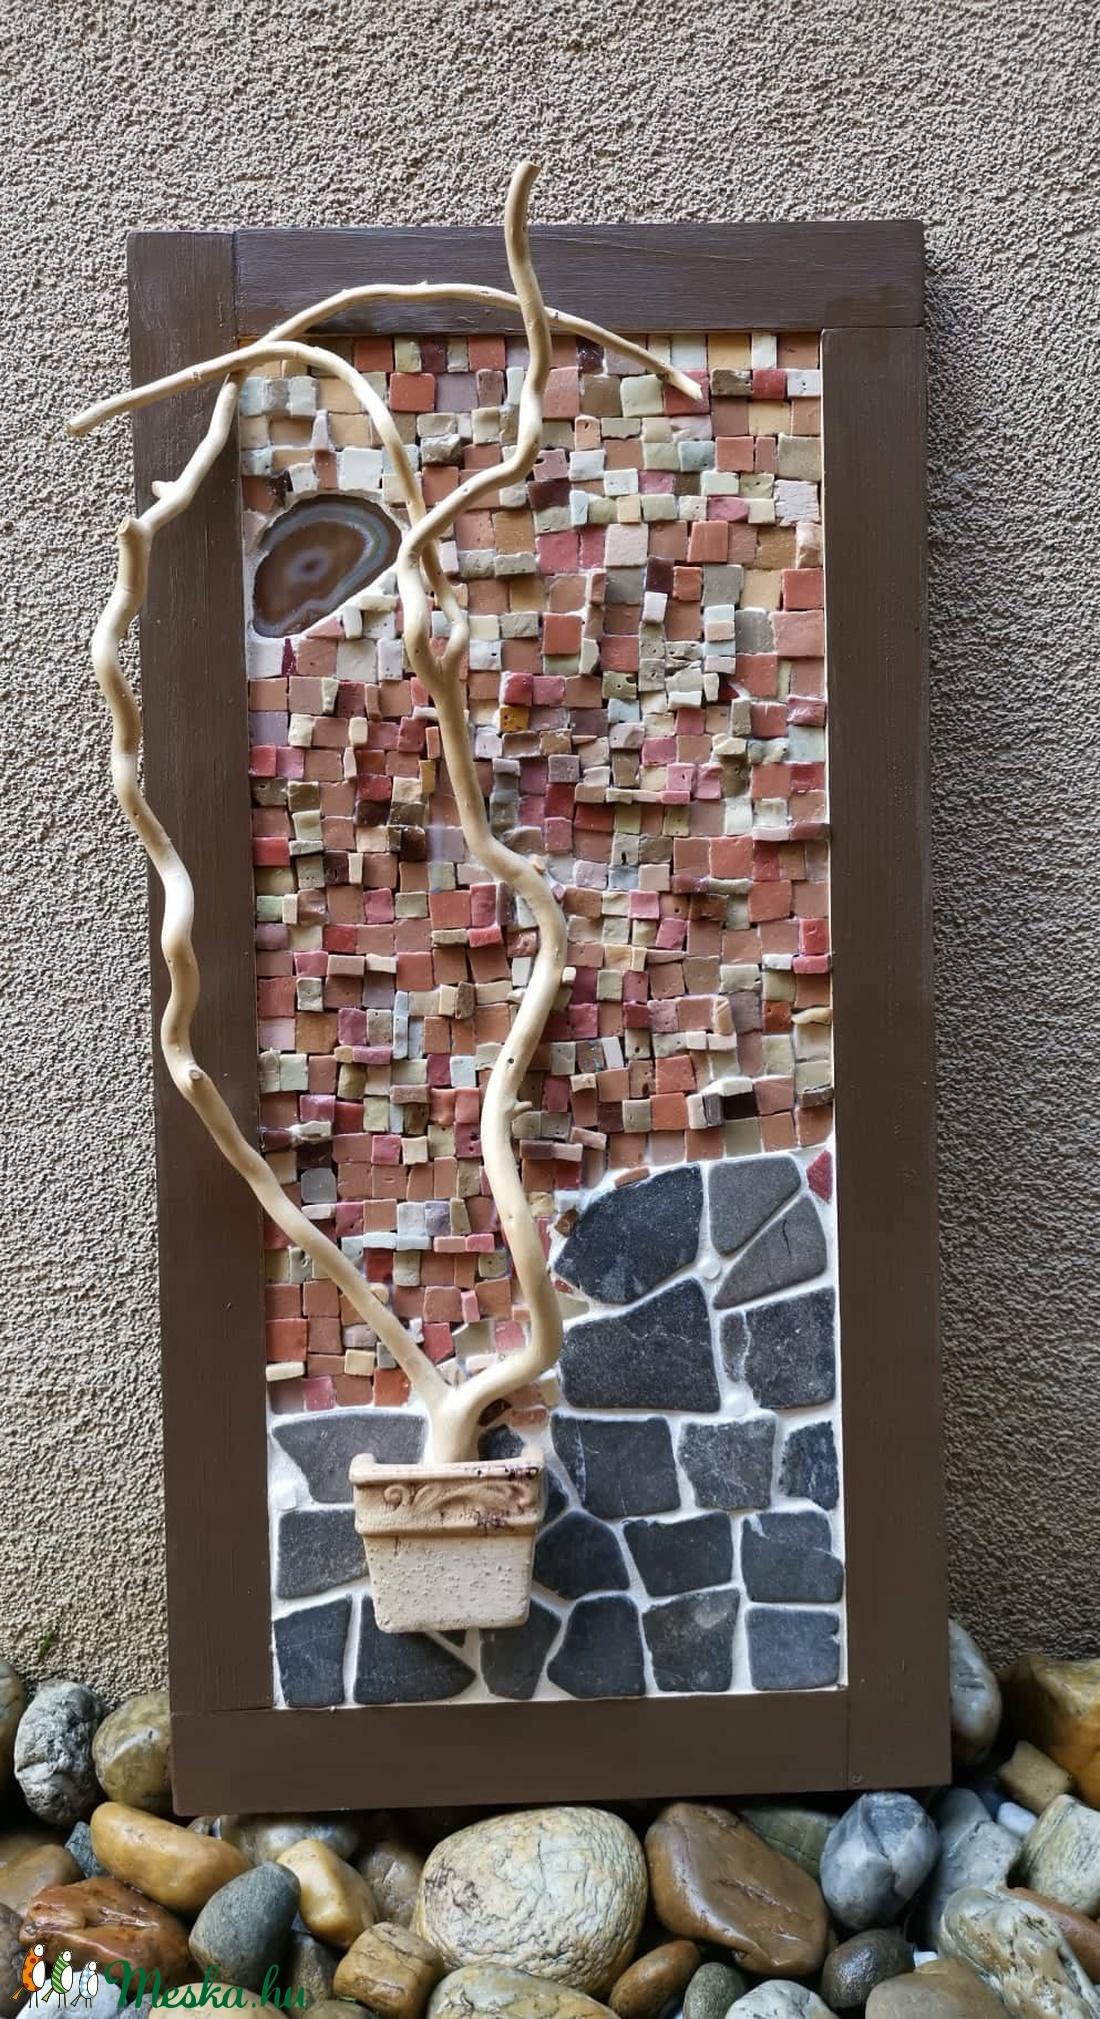 Marsi tájkép - barna térbeli mozaik kép, 3D mozaik falikép dekoráció - otthon & lakás - dekoráció - kép & falikép - Meska.hu